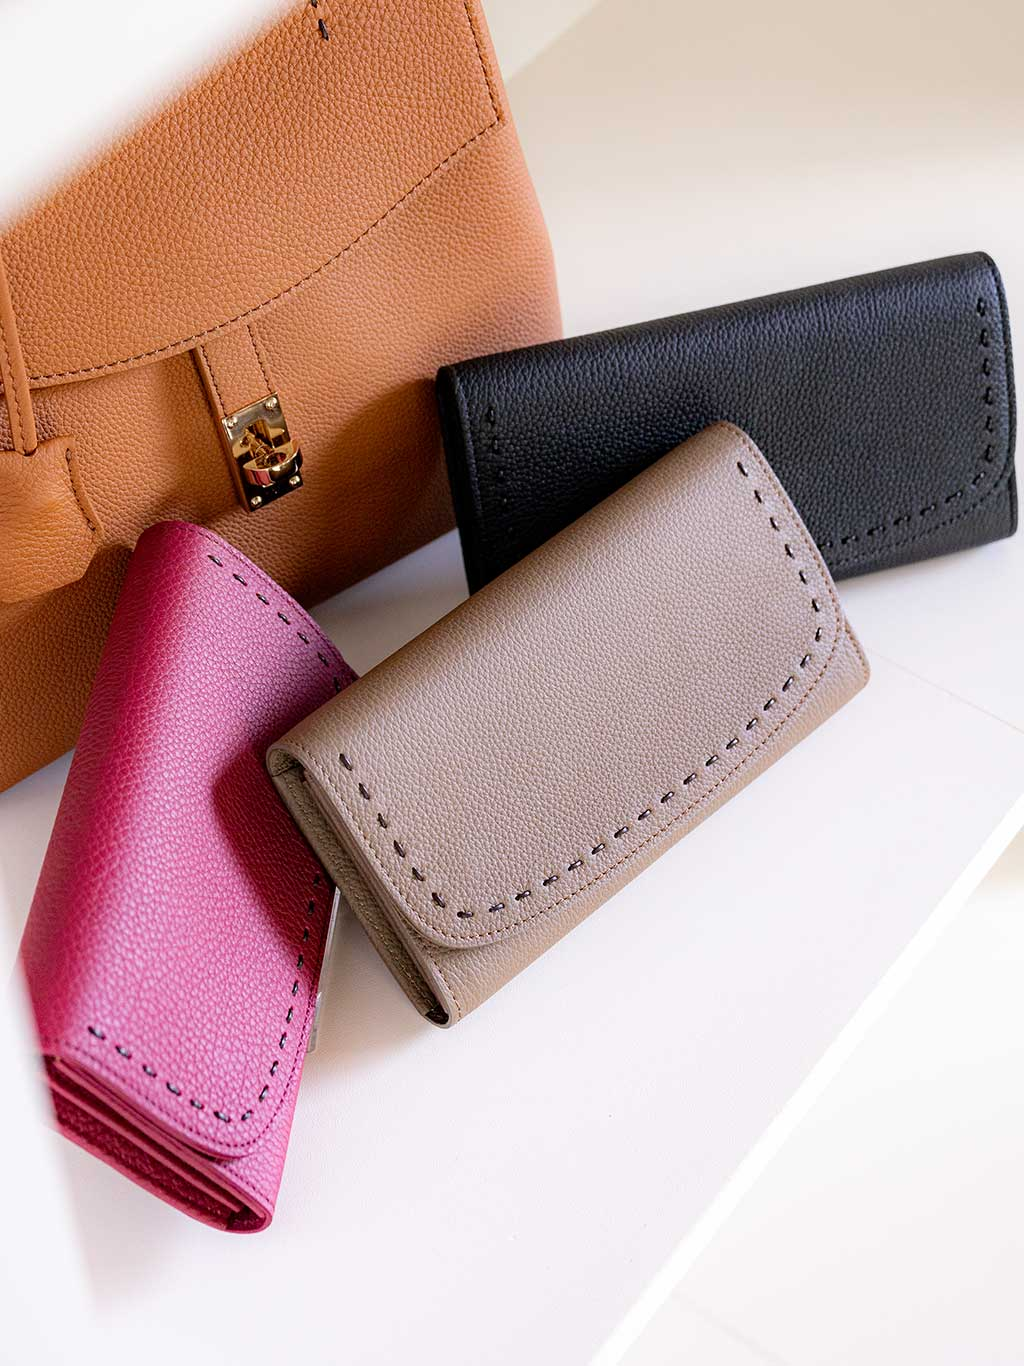 世界のハイブランドではトゴと名を変えて愛されている人気の最高級シュリンクレザー・エスポワールで造る日本製の本革ウォレット[かぶせ式(エンヴェロップ型)長財布] LILY誕生。